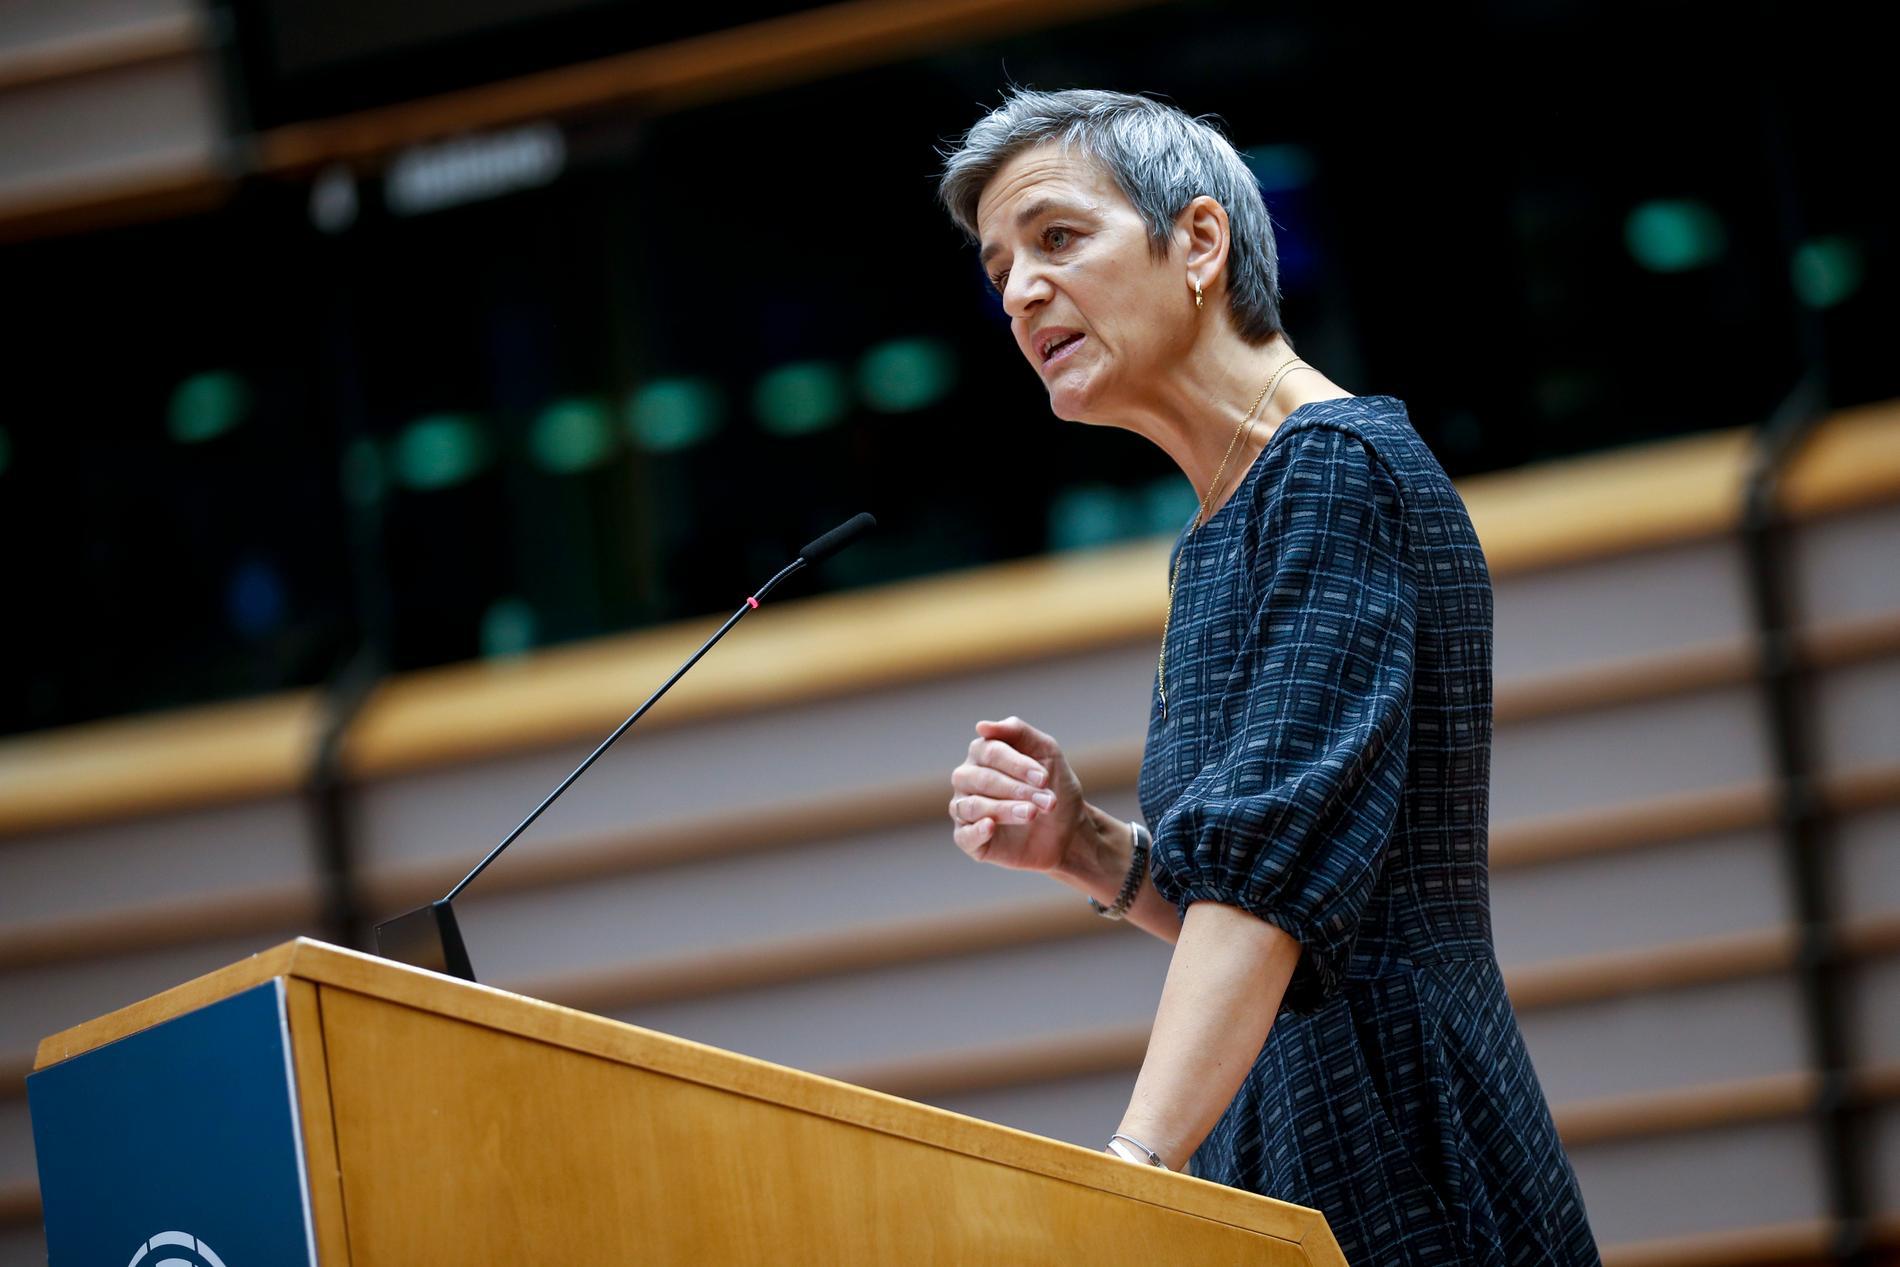 EU:s konkurrenskommissionär Margrethe Vestager drar igång en formell granskning av hur Facebook hanterar annonsuppgifter. Arkivfoto.